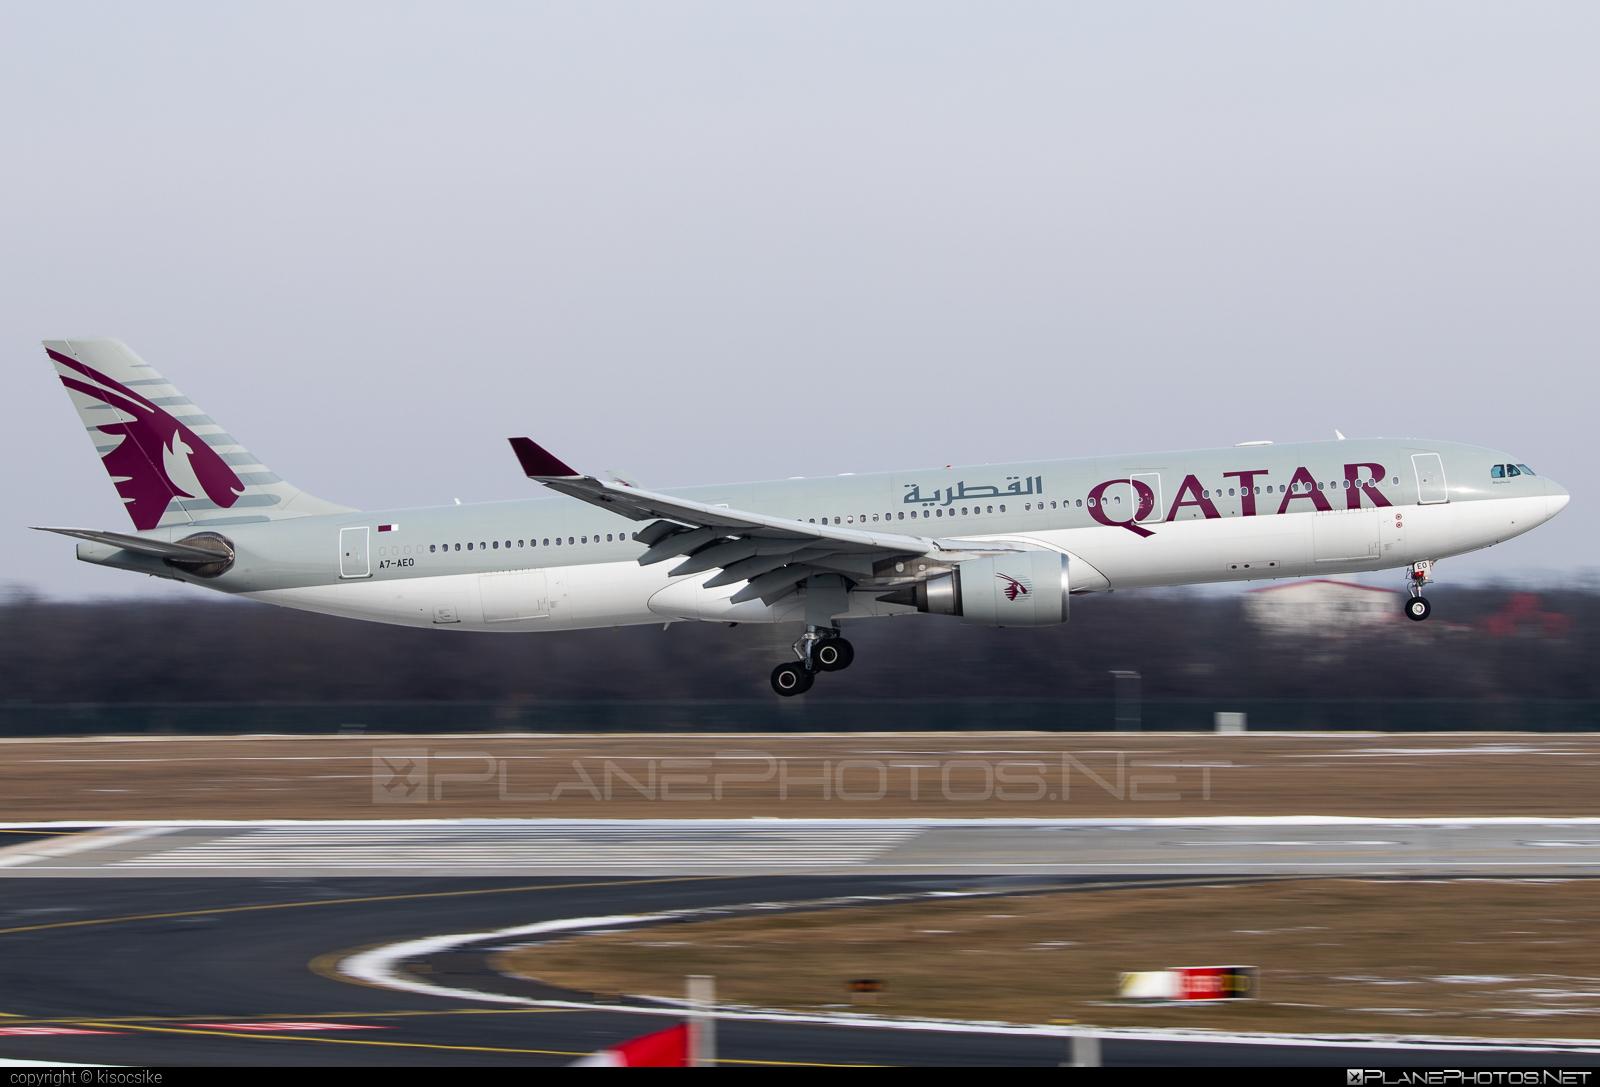 Airbus A330-302 - A7-AEO operated by Qatar Airways #a330 #a330family #airbus #airbus330 #qatarairways